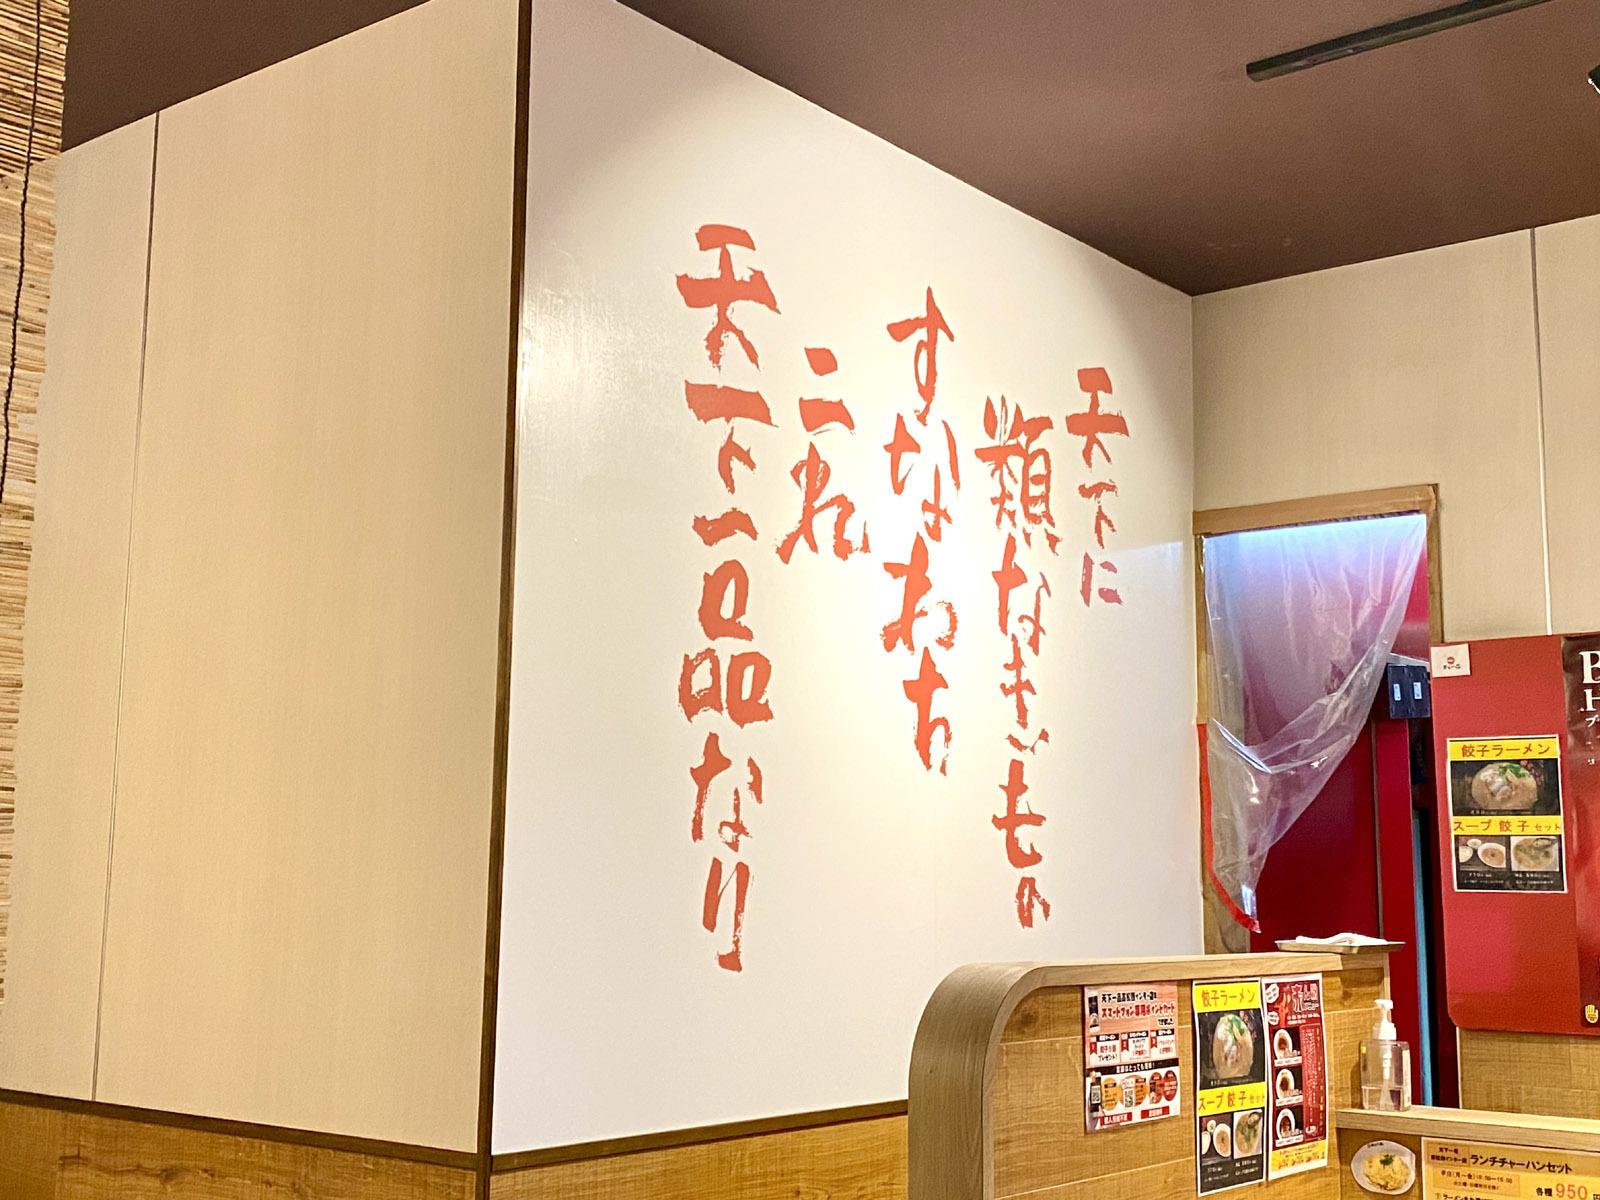 天下一品 高松西インター店03 壁の文字